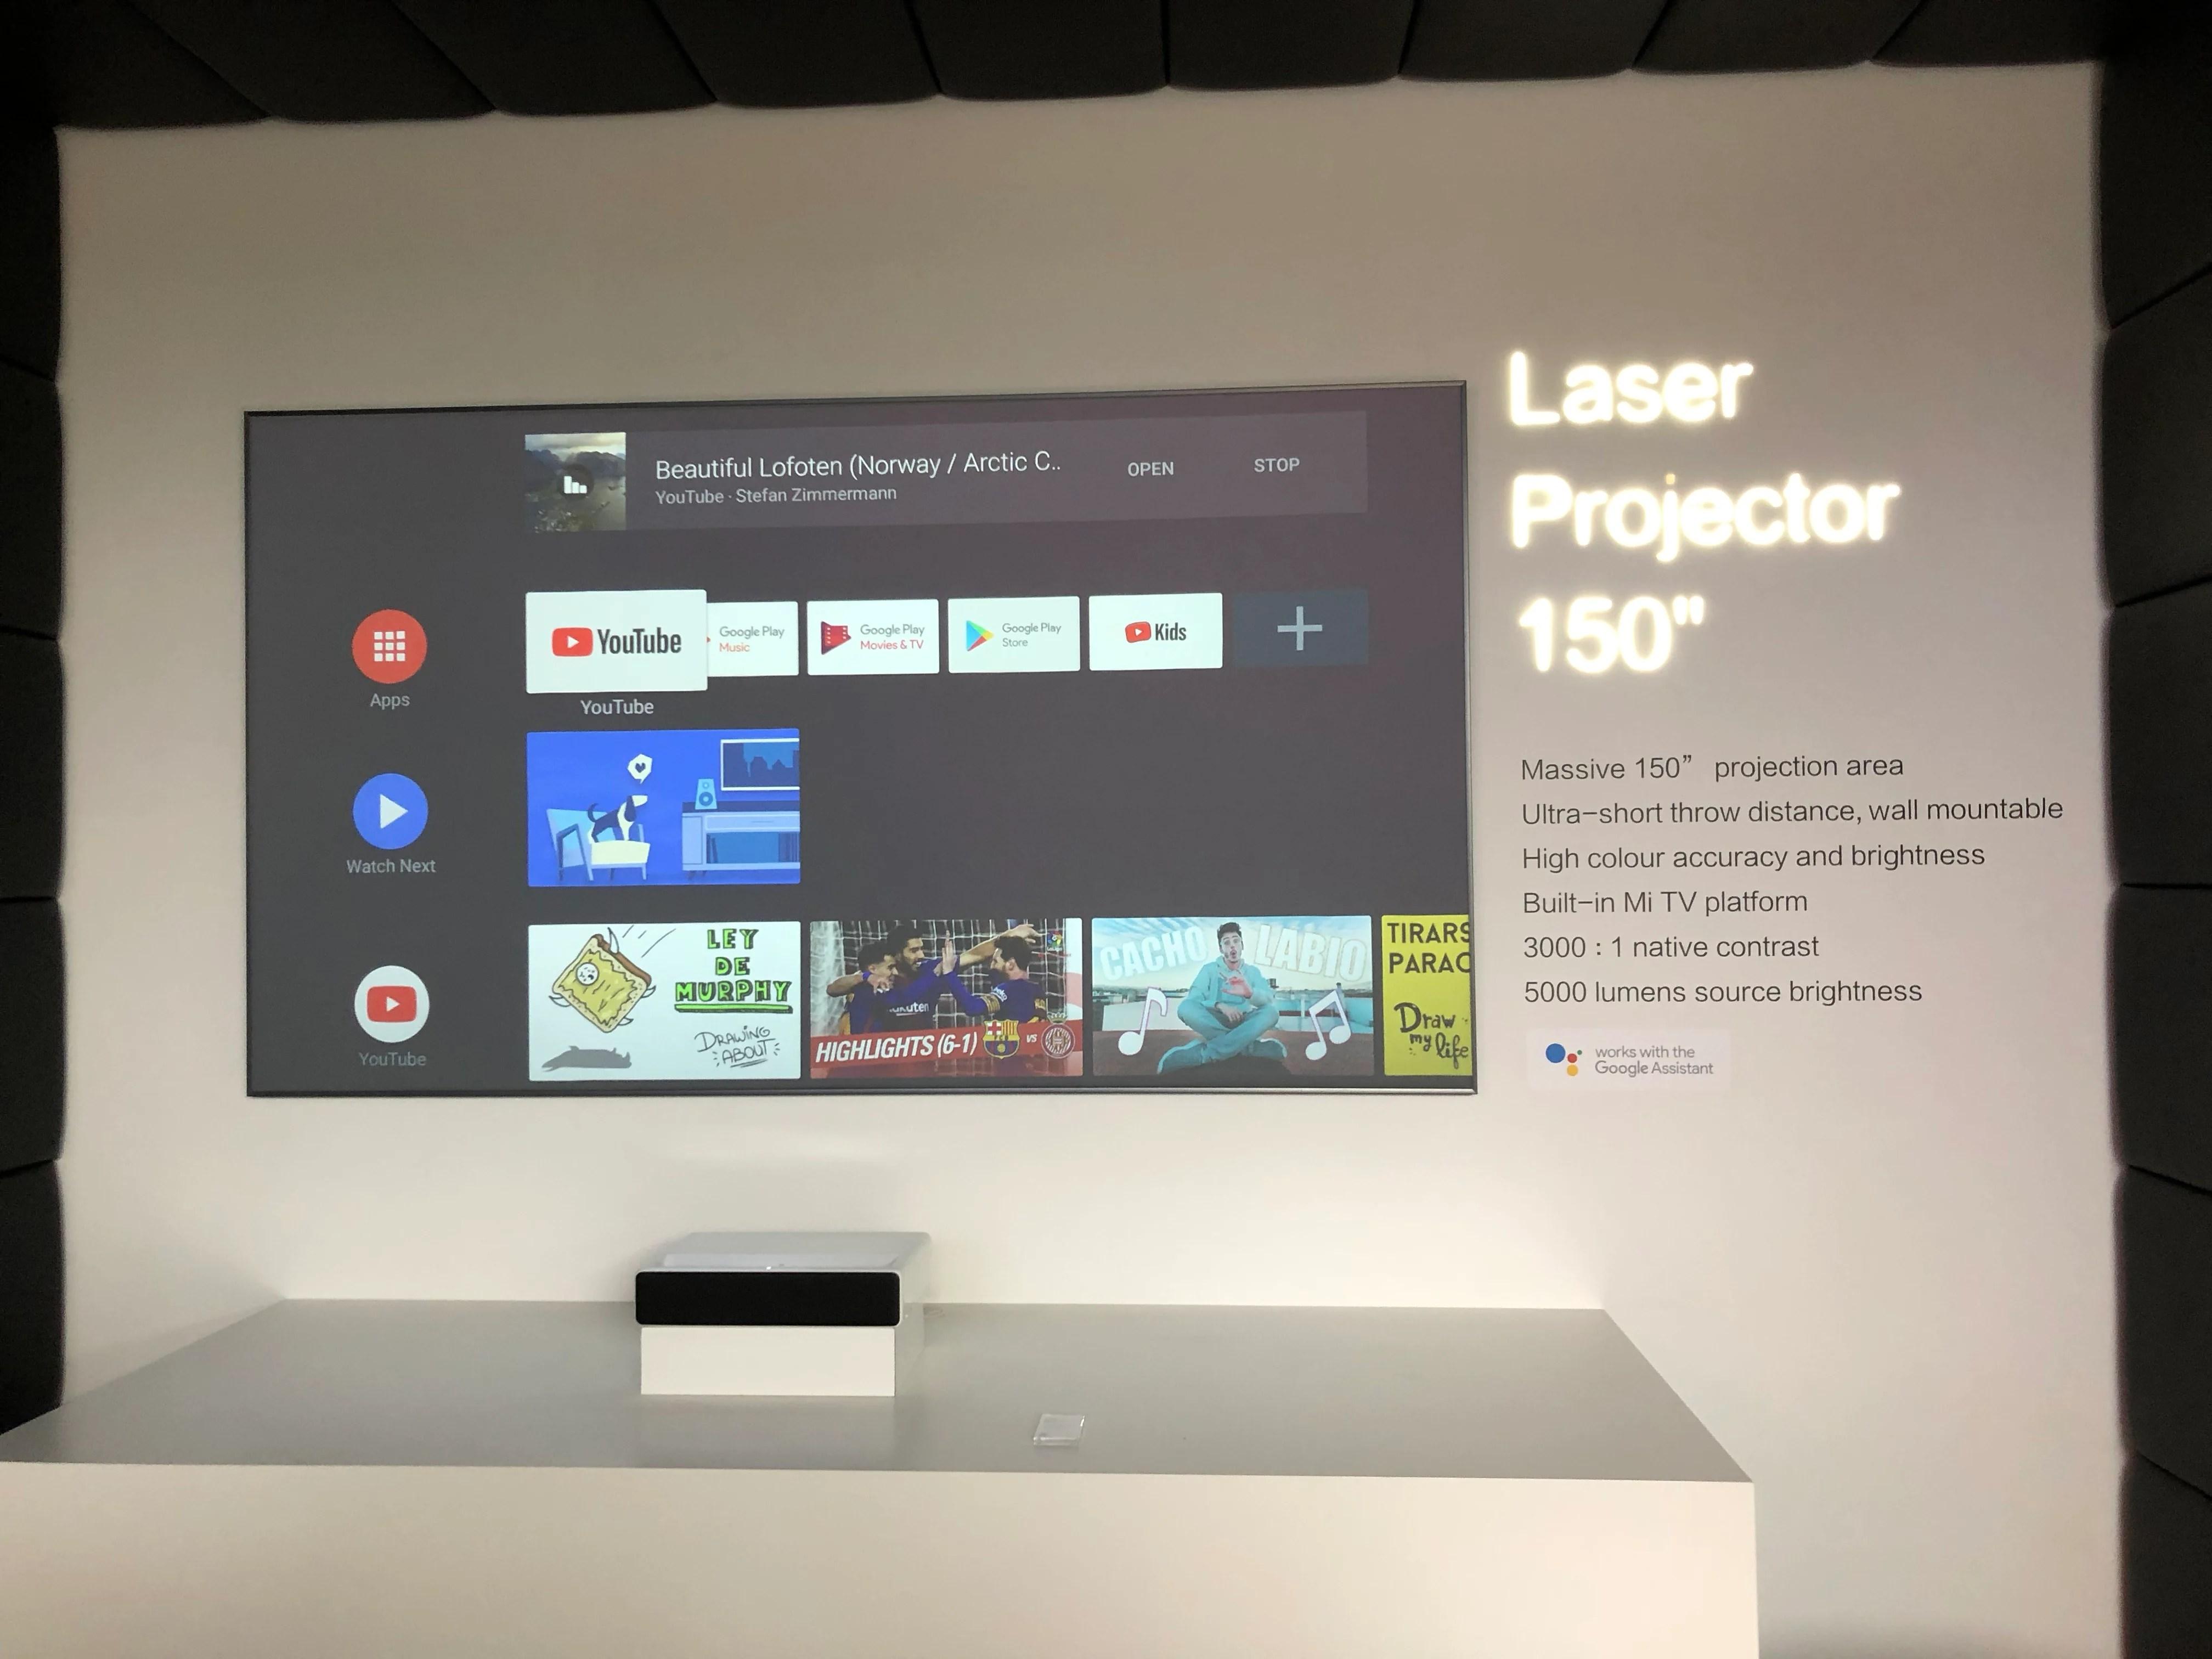 Xiaomi Mi Laser Projector : il va être commercialisé en Europe avec Android TV